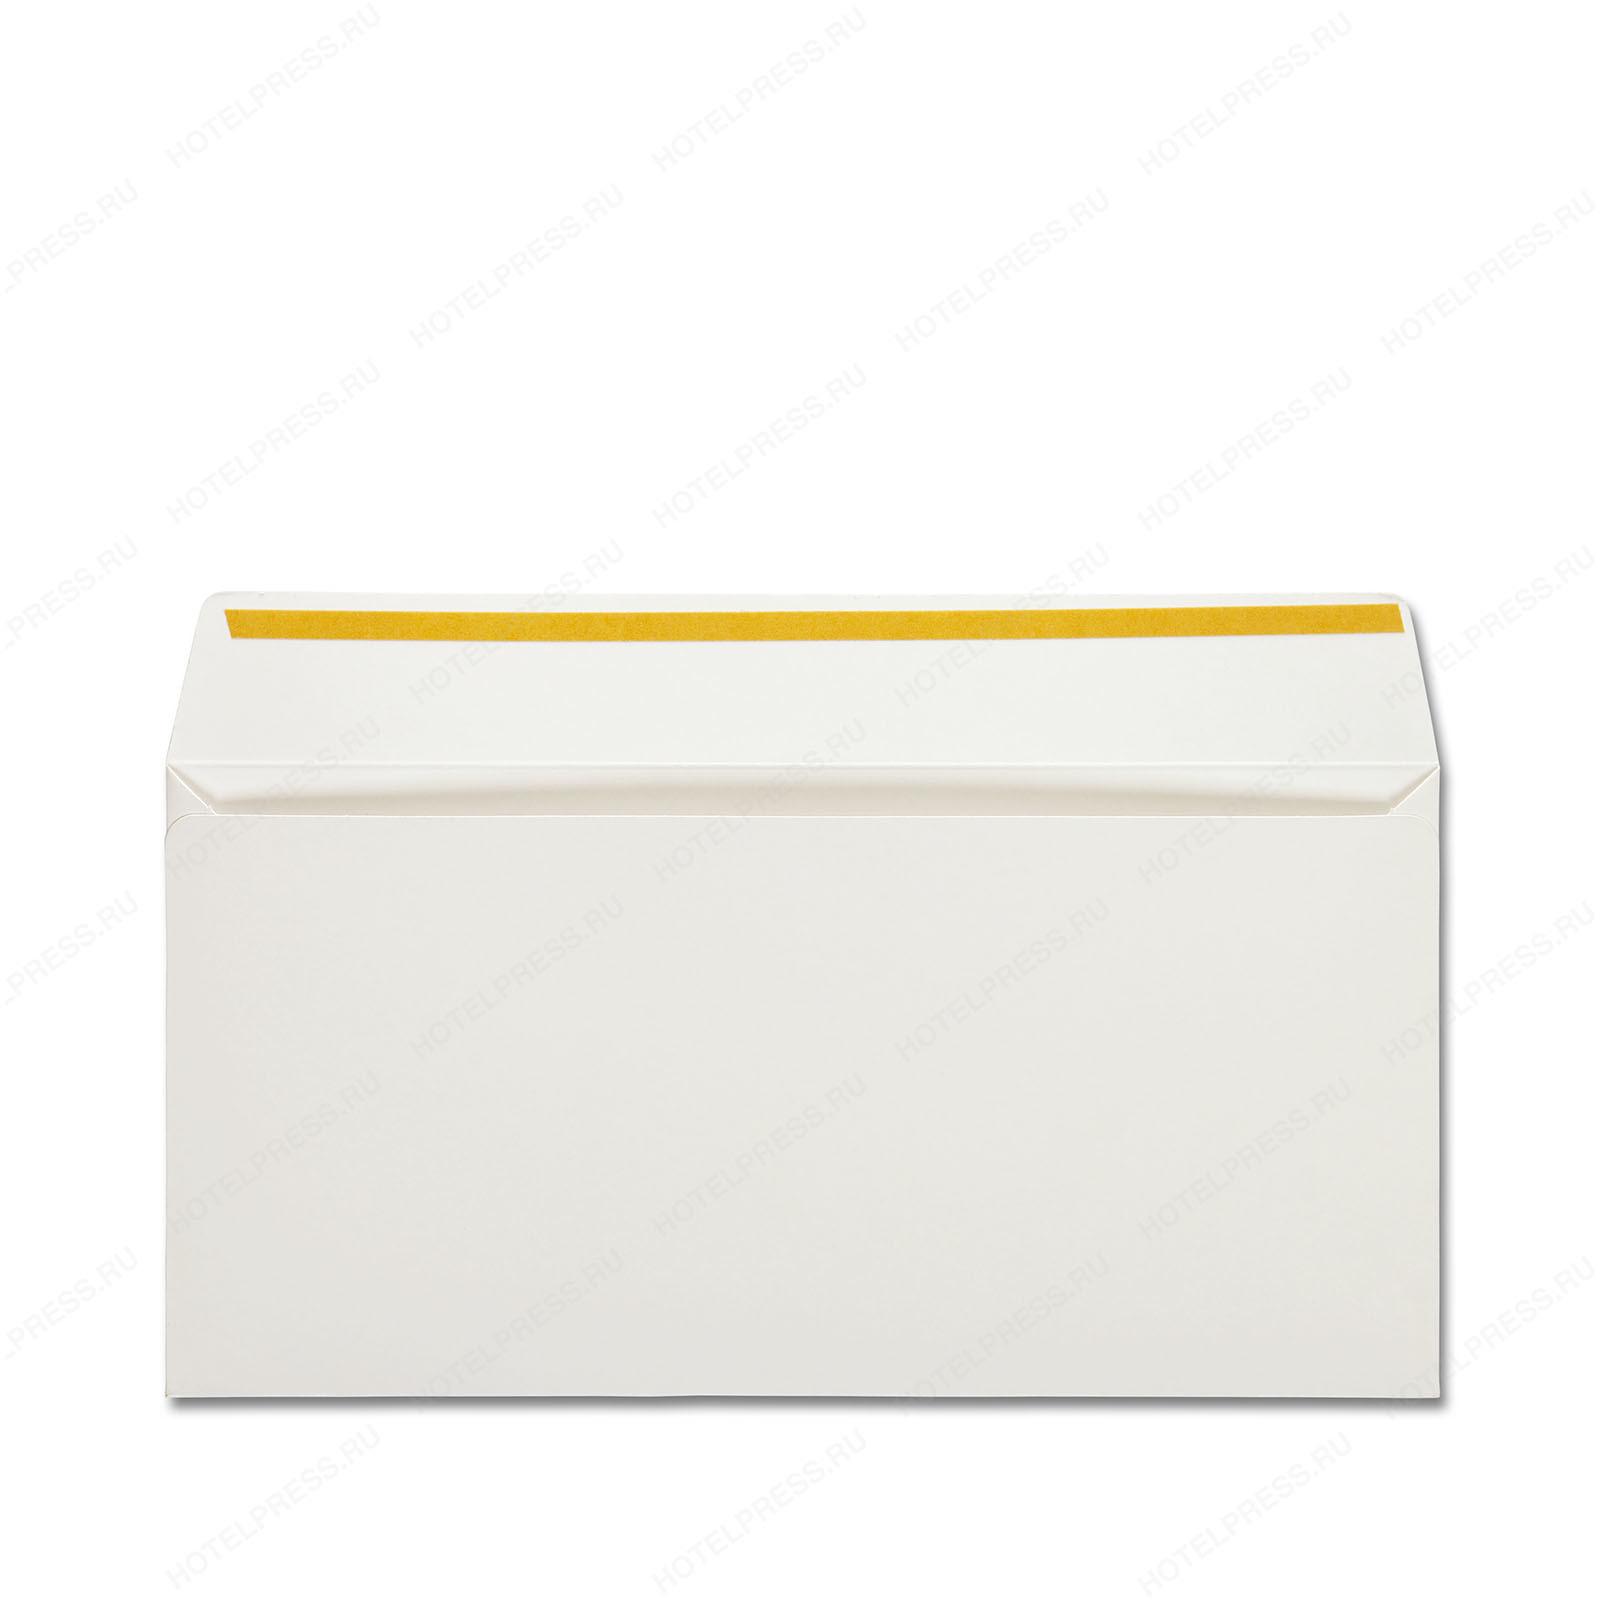 Плотный конверт Е65 из мелованной бумаги для клиники эстетической медицины